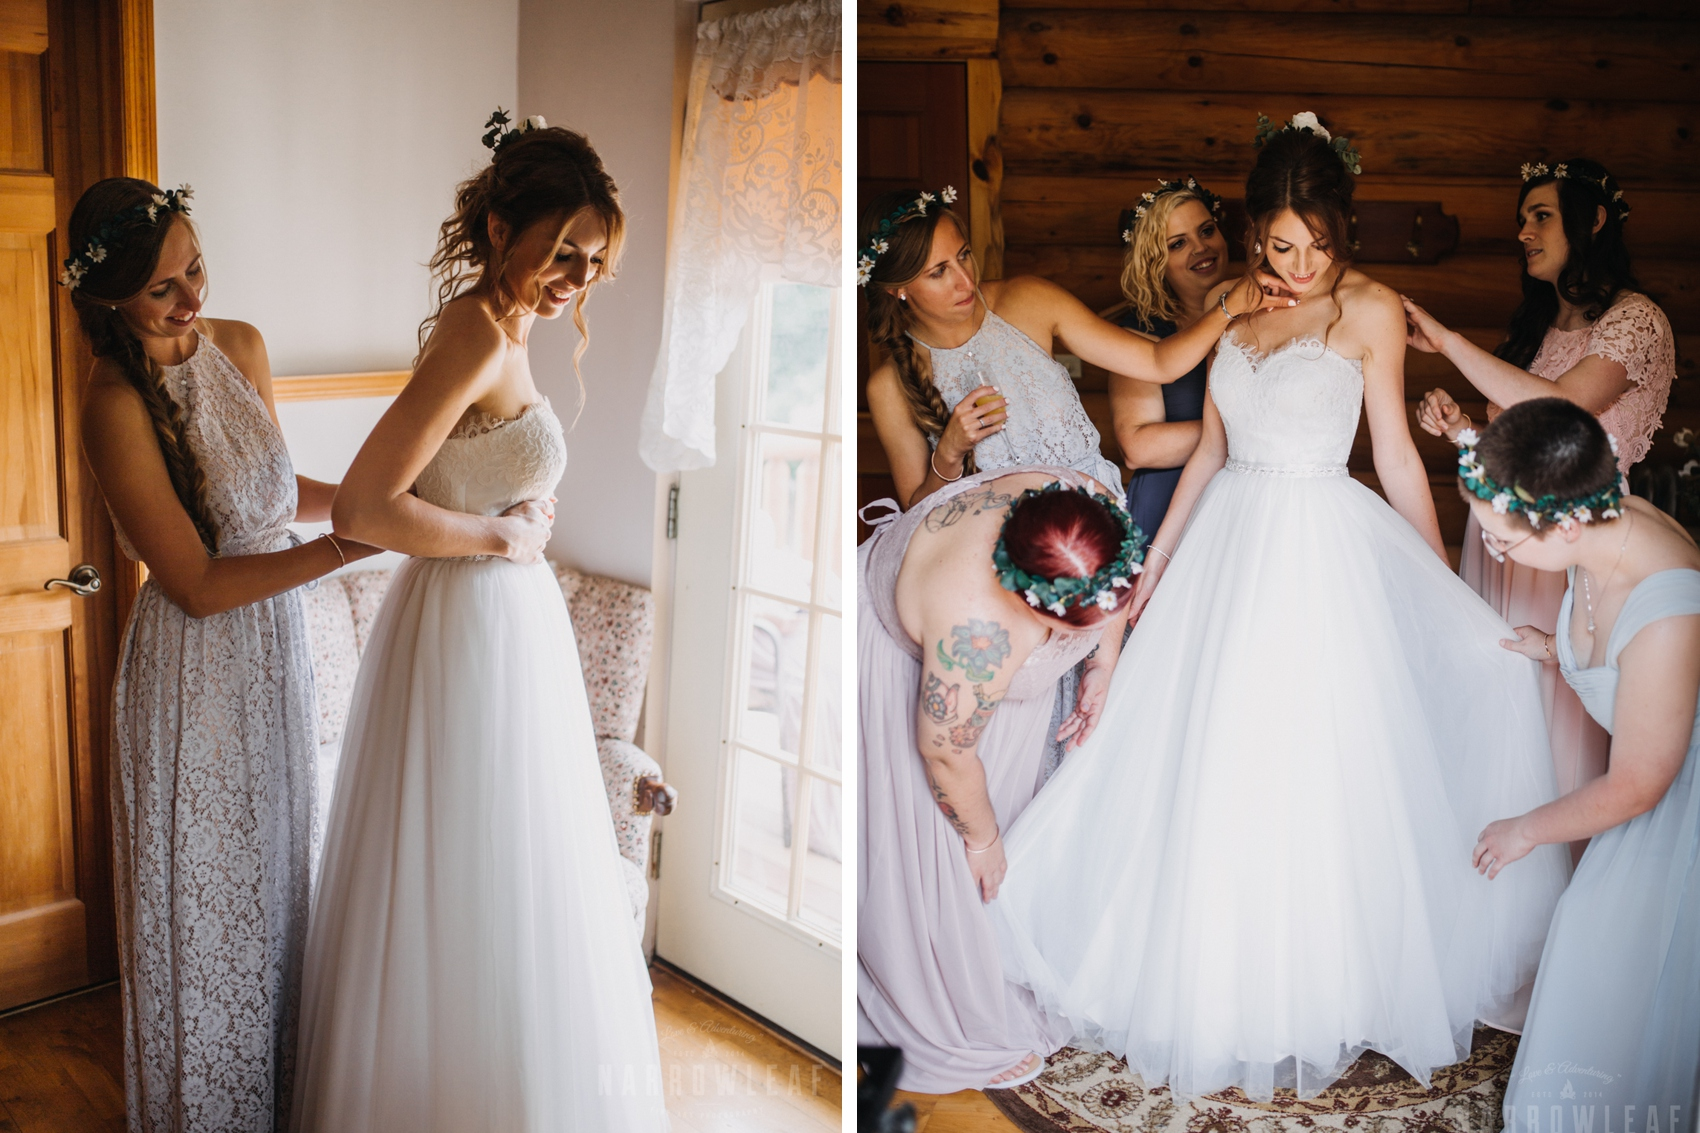 summer-bride-ready-corset-dress015-016.jpg